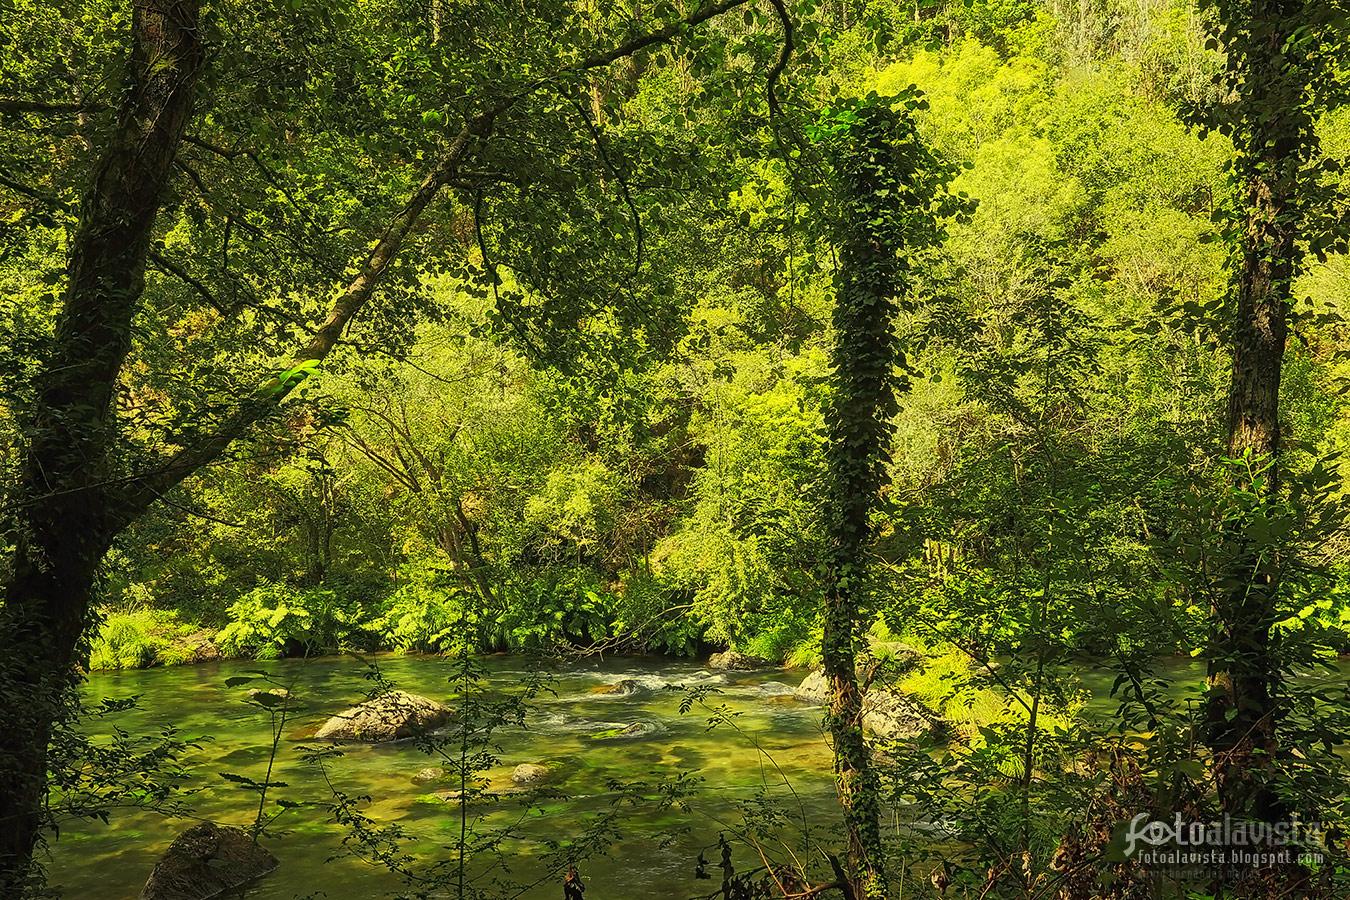 El río camuflado - Fotografía